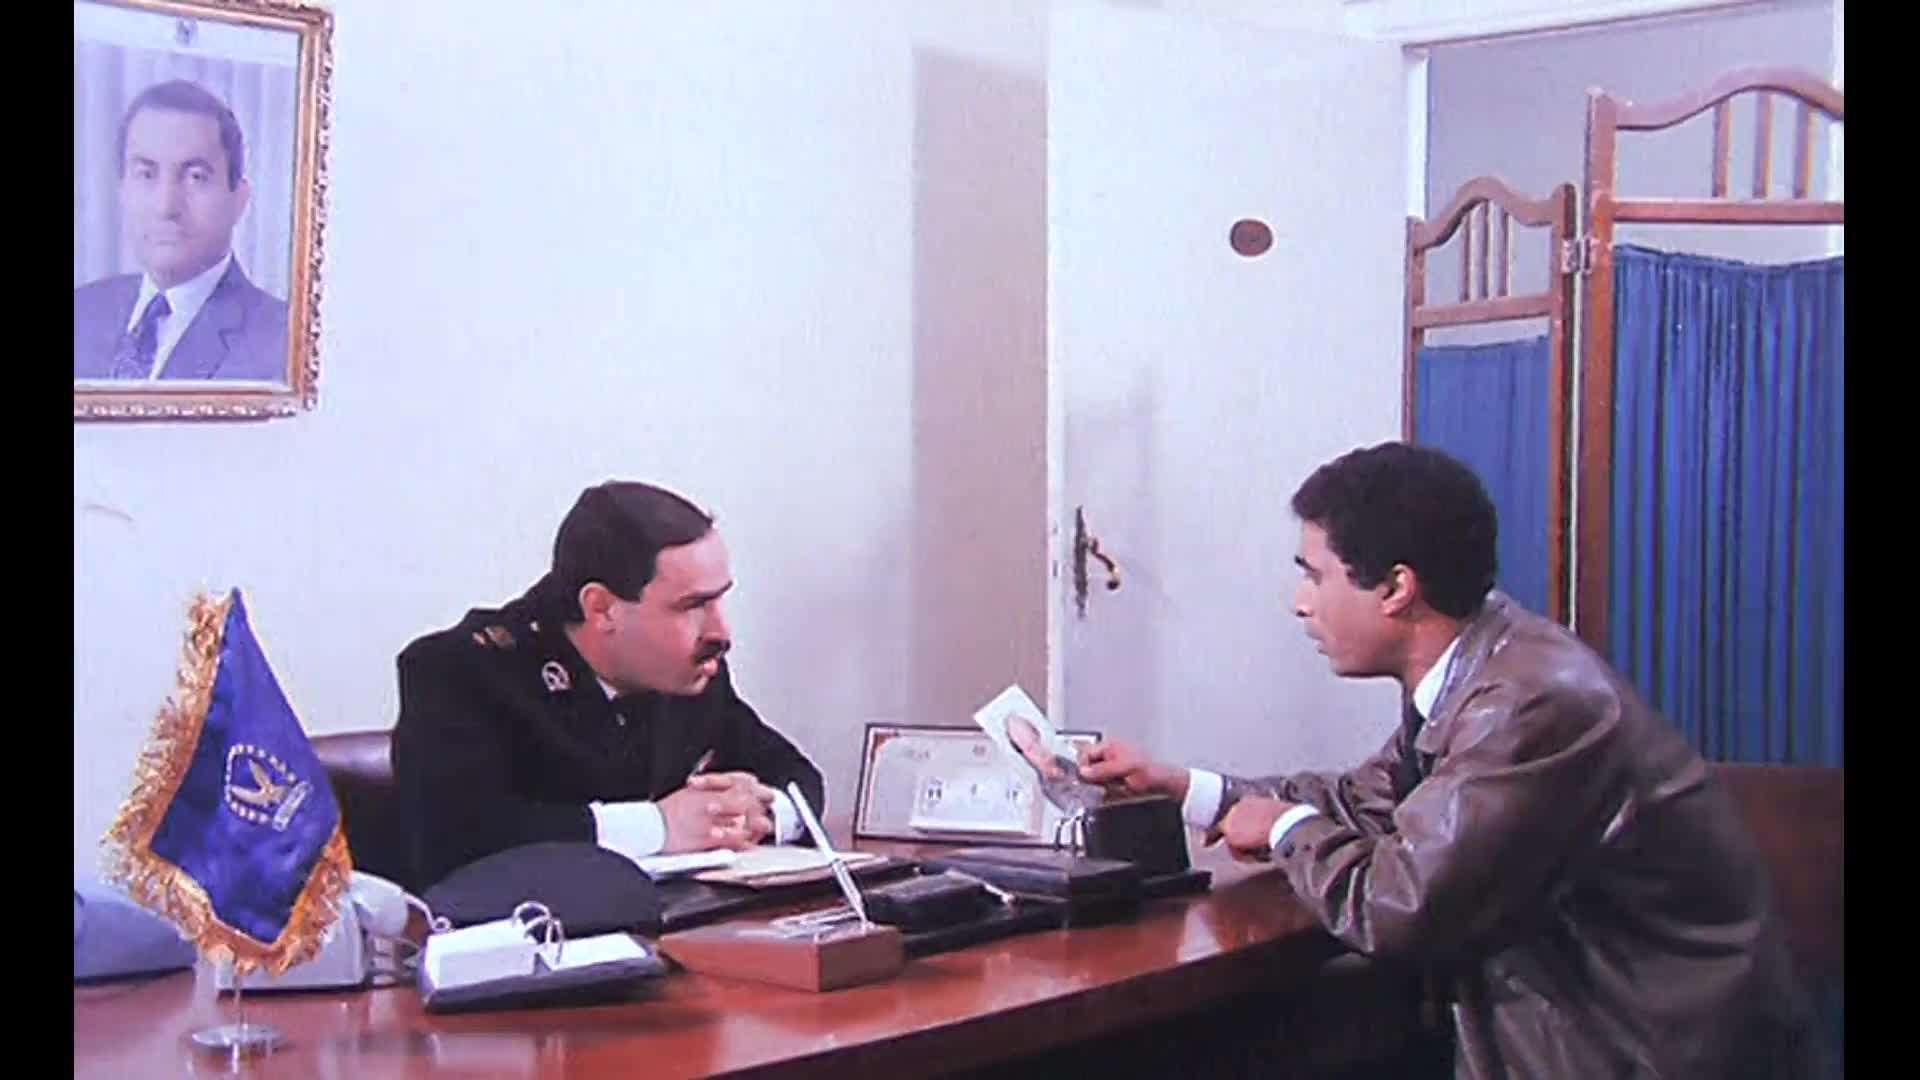 [فيلم][تورنت][تحميل][امرأة واحدة لا تكفي][1990][1080p][Web-DL] 6 arabp2p.com